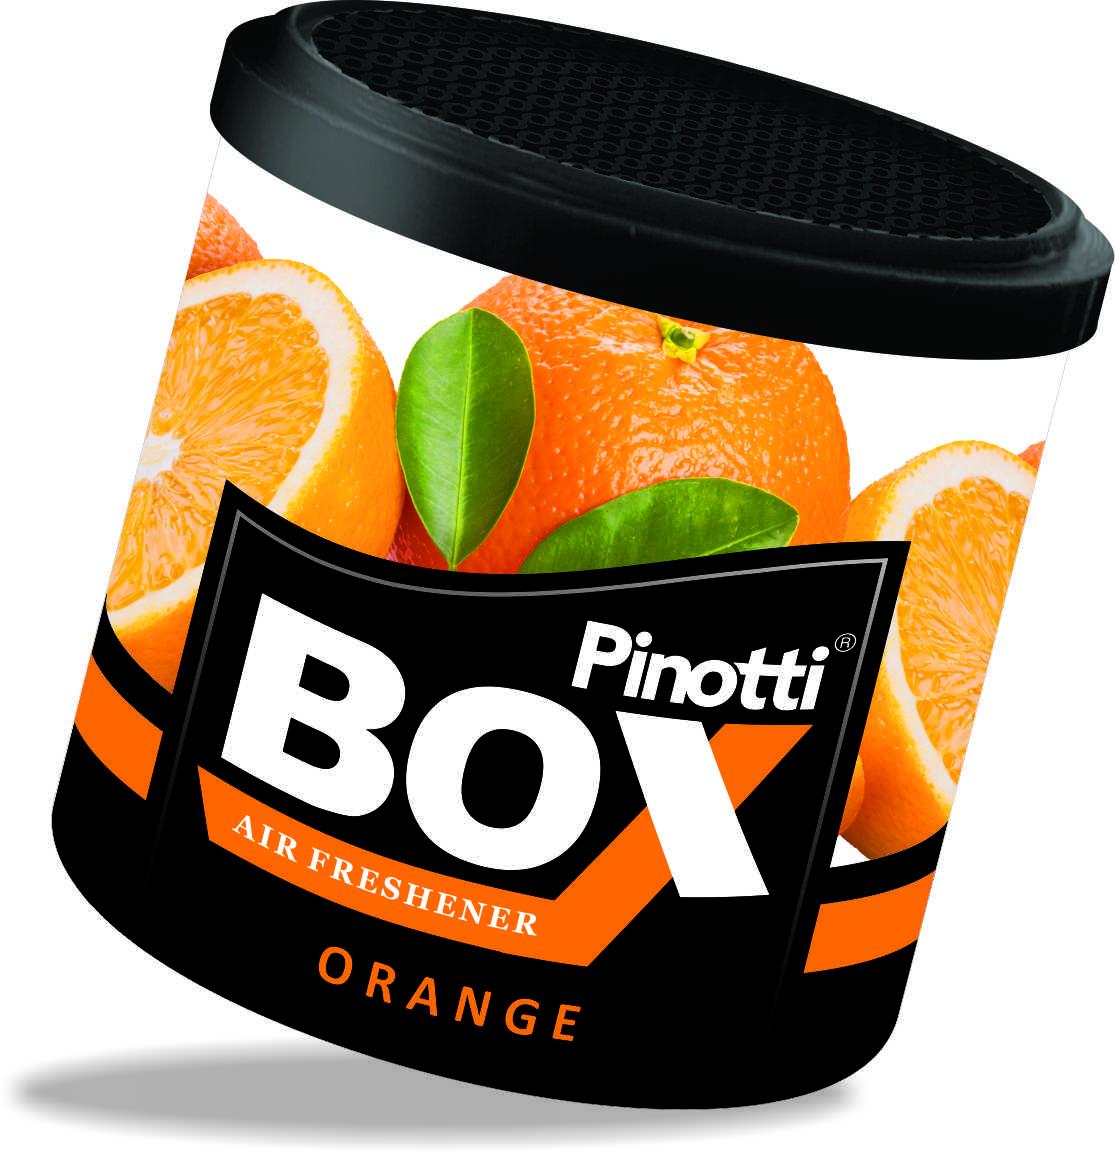 Pinotti BOX